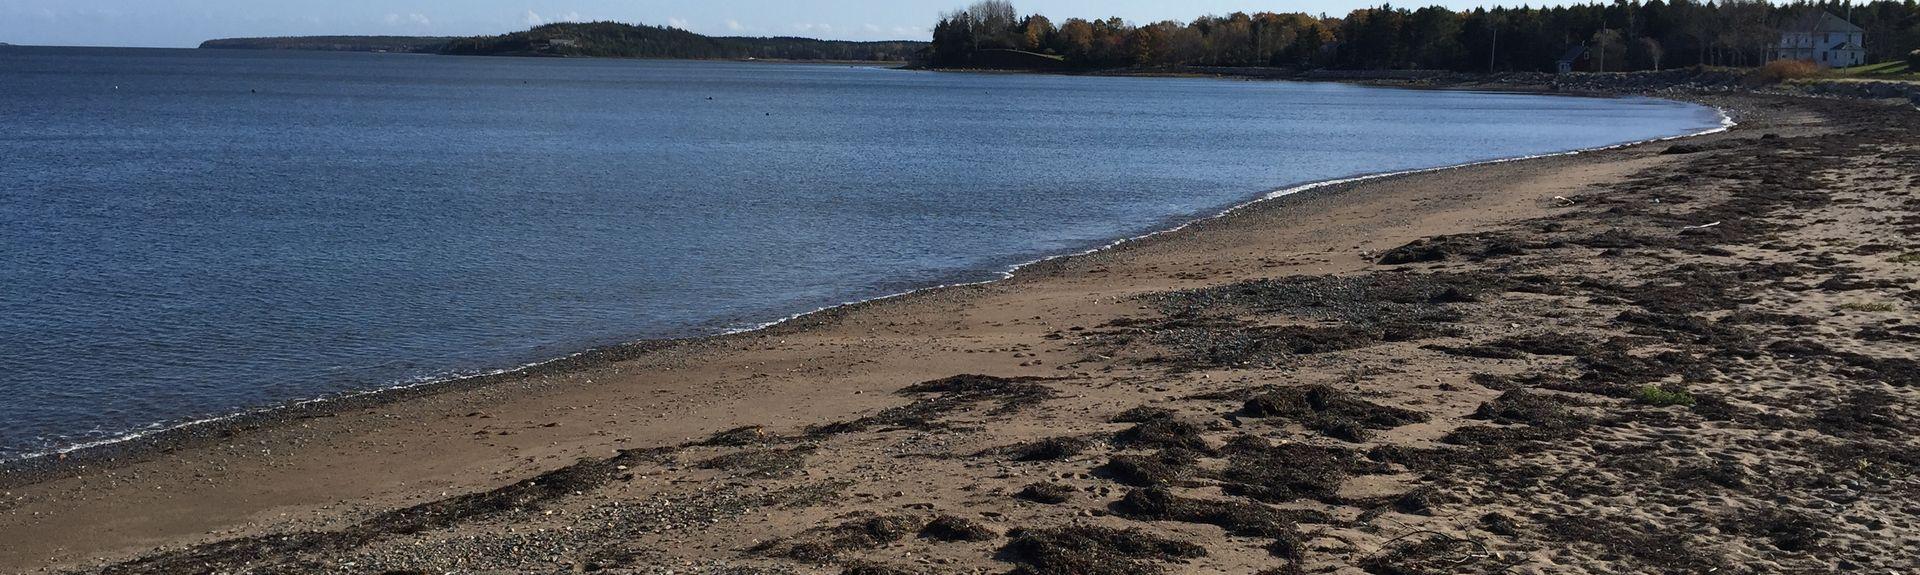 Plage de Hirtle, Kingsburg, Nouvelle-Écosse, Canada